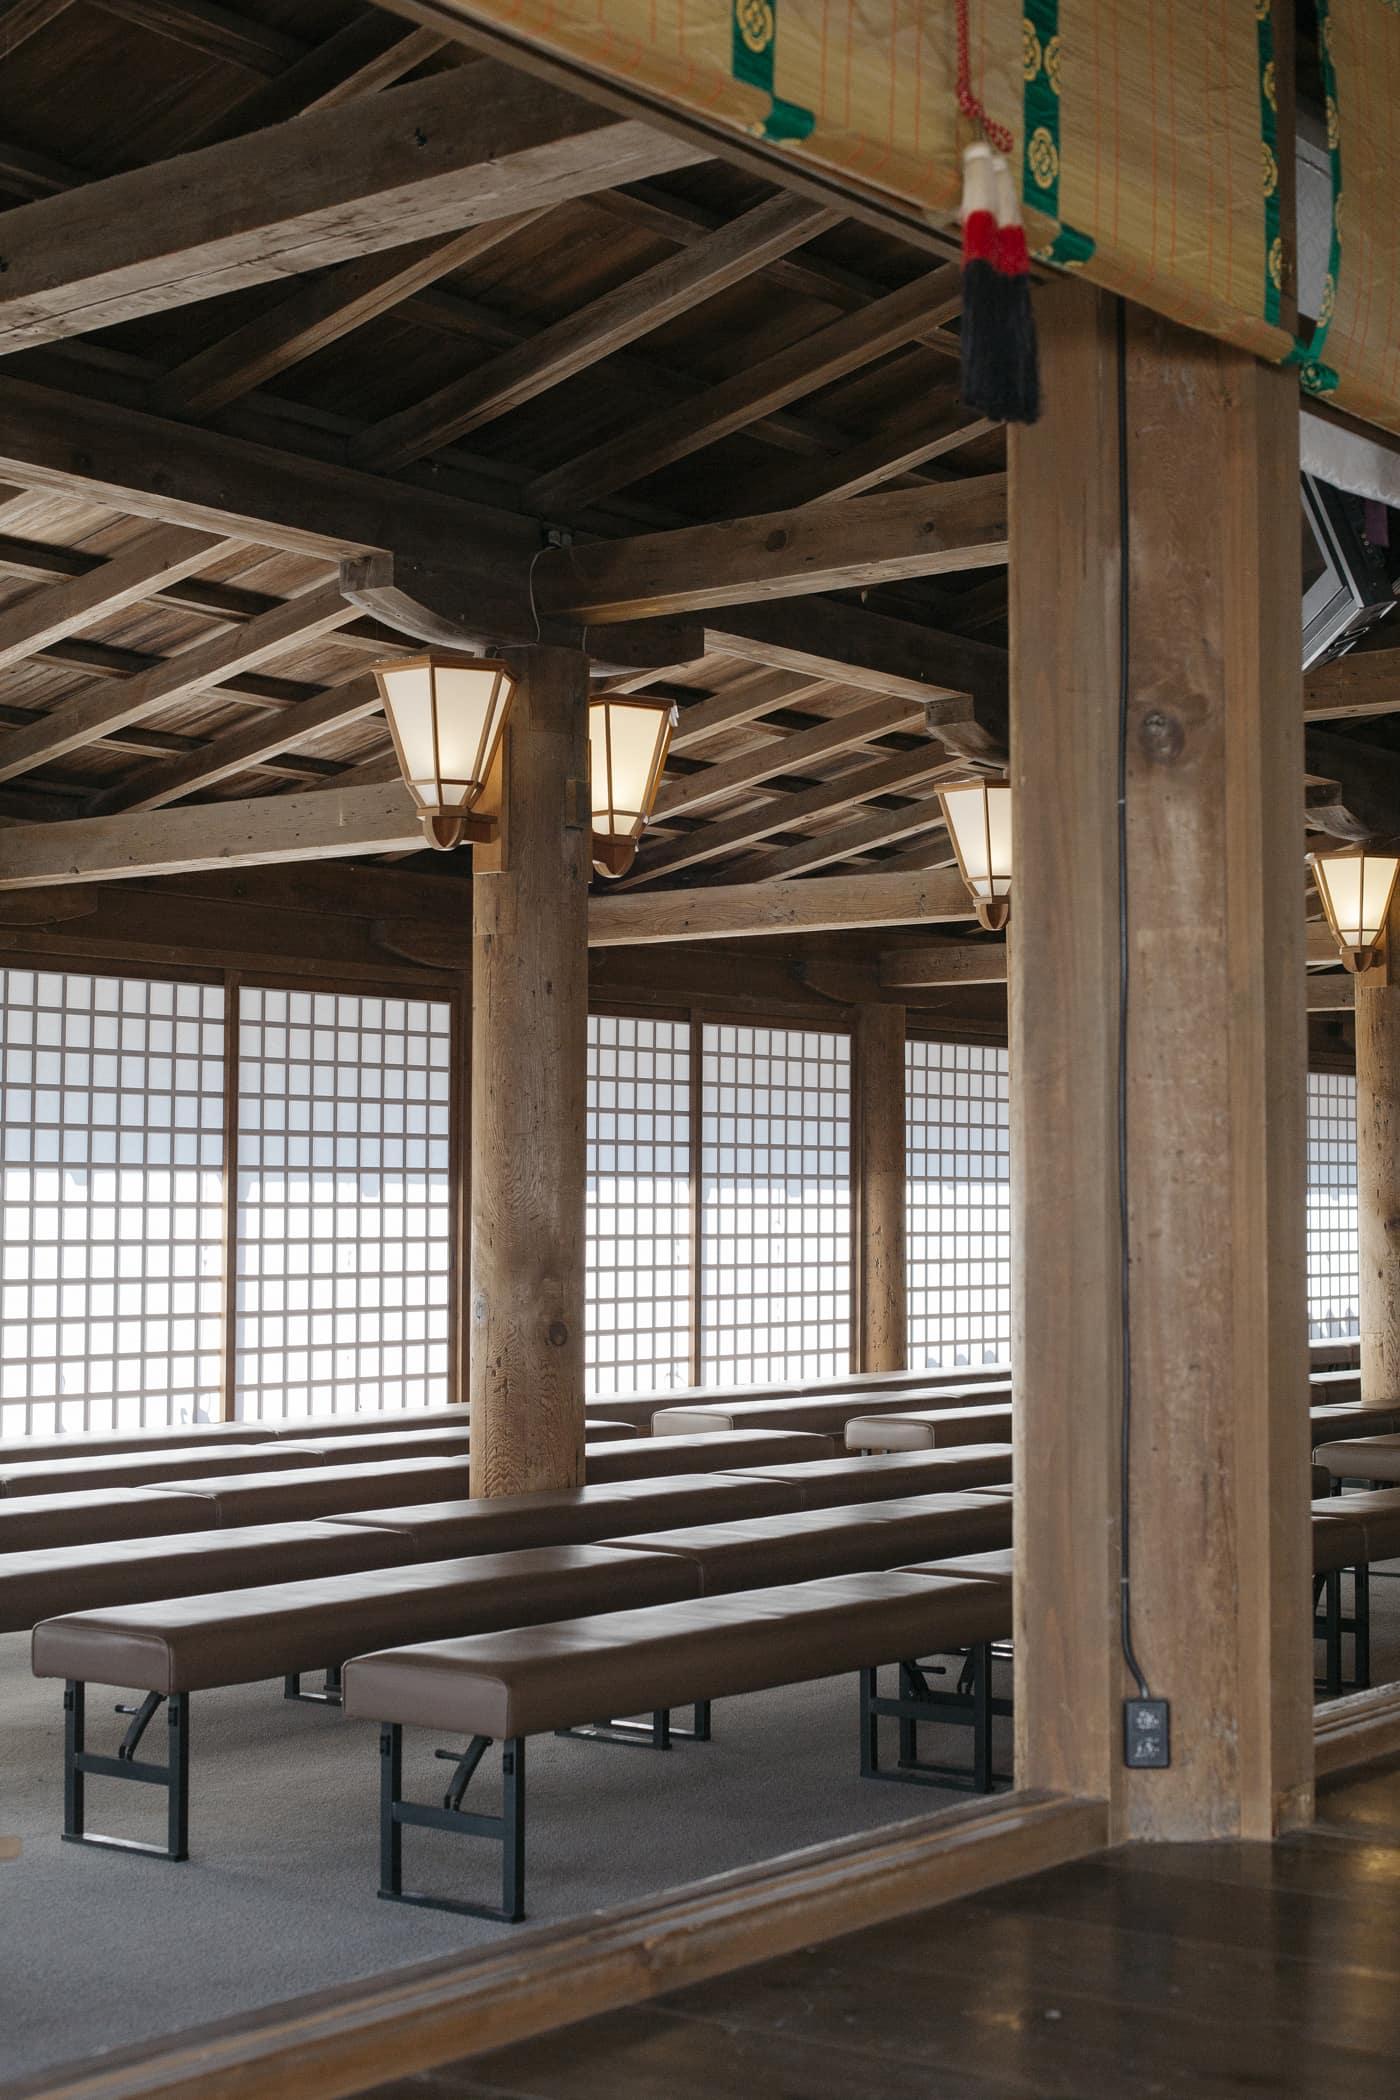 Kinlake-Japan-City-Lifestyle-9518